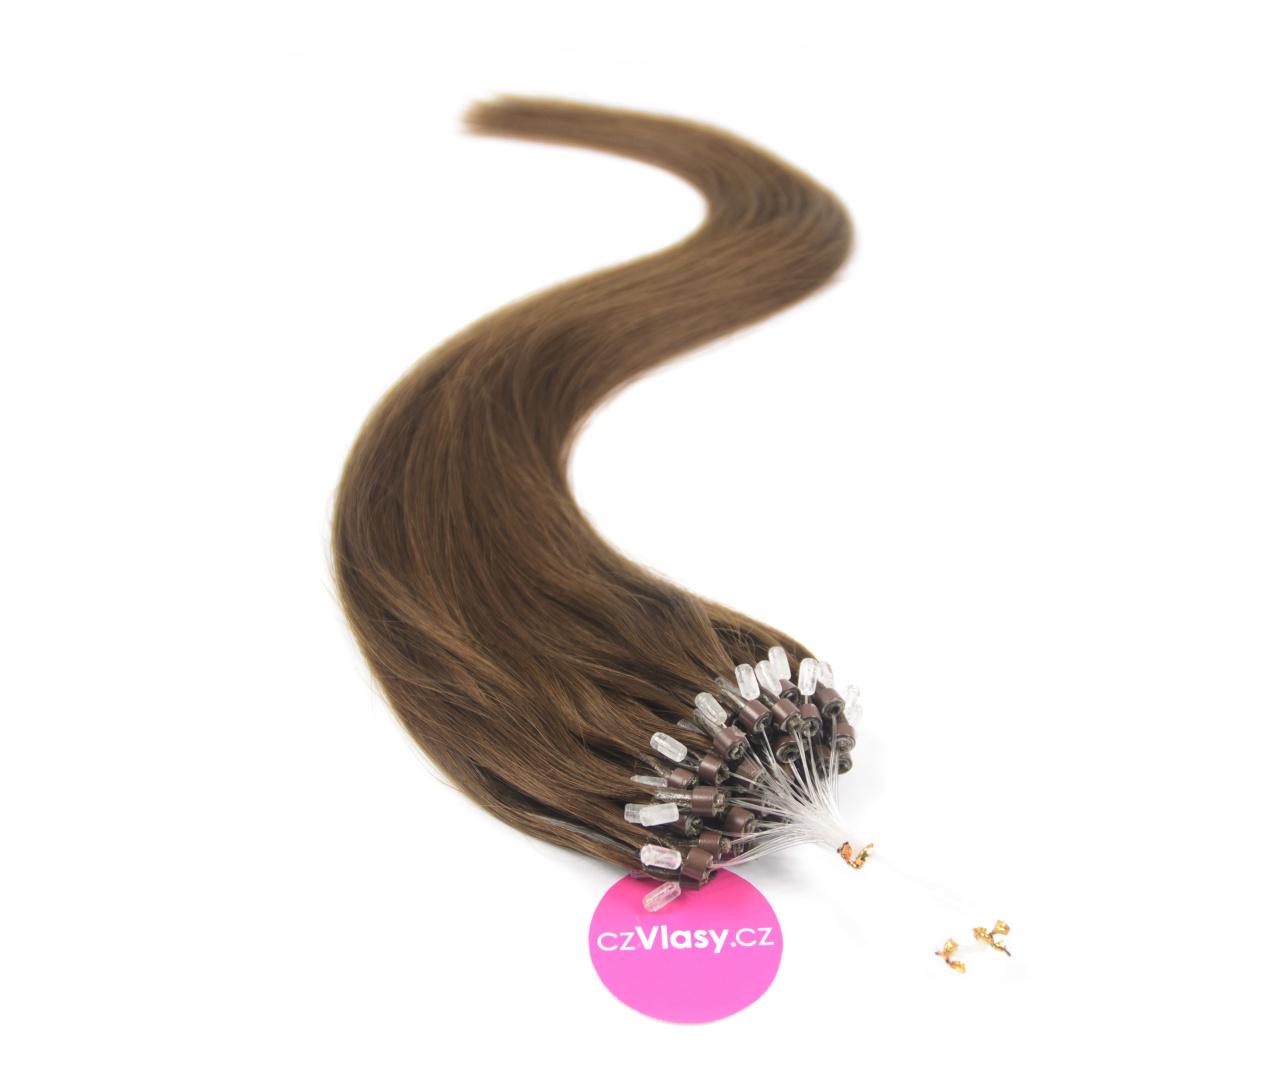 Indické vlasy na metodu micro-ring odstín 4 Délka: 60 cm, Hmotnost: 1 g/pramínek, REMY